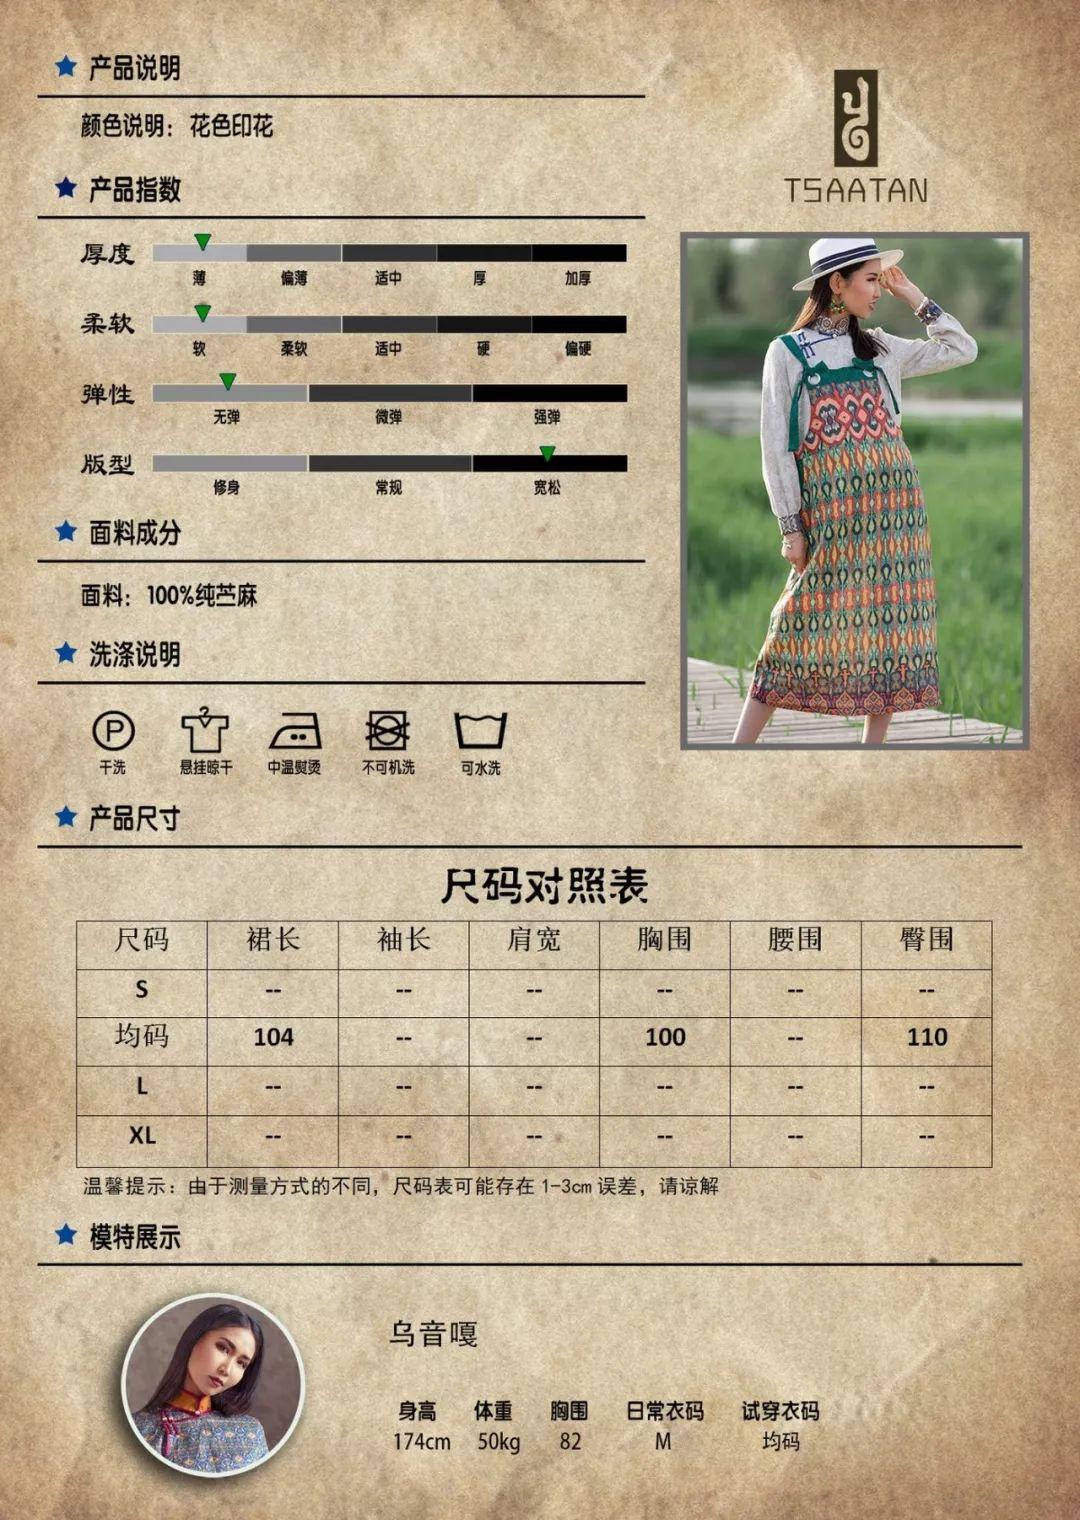 TSAATAN蒙古时装 2019新款,来自驯鹿人的独特魅力! 第87张